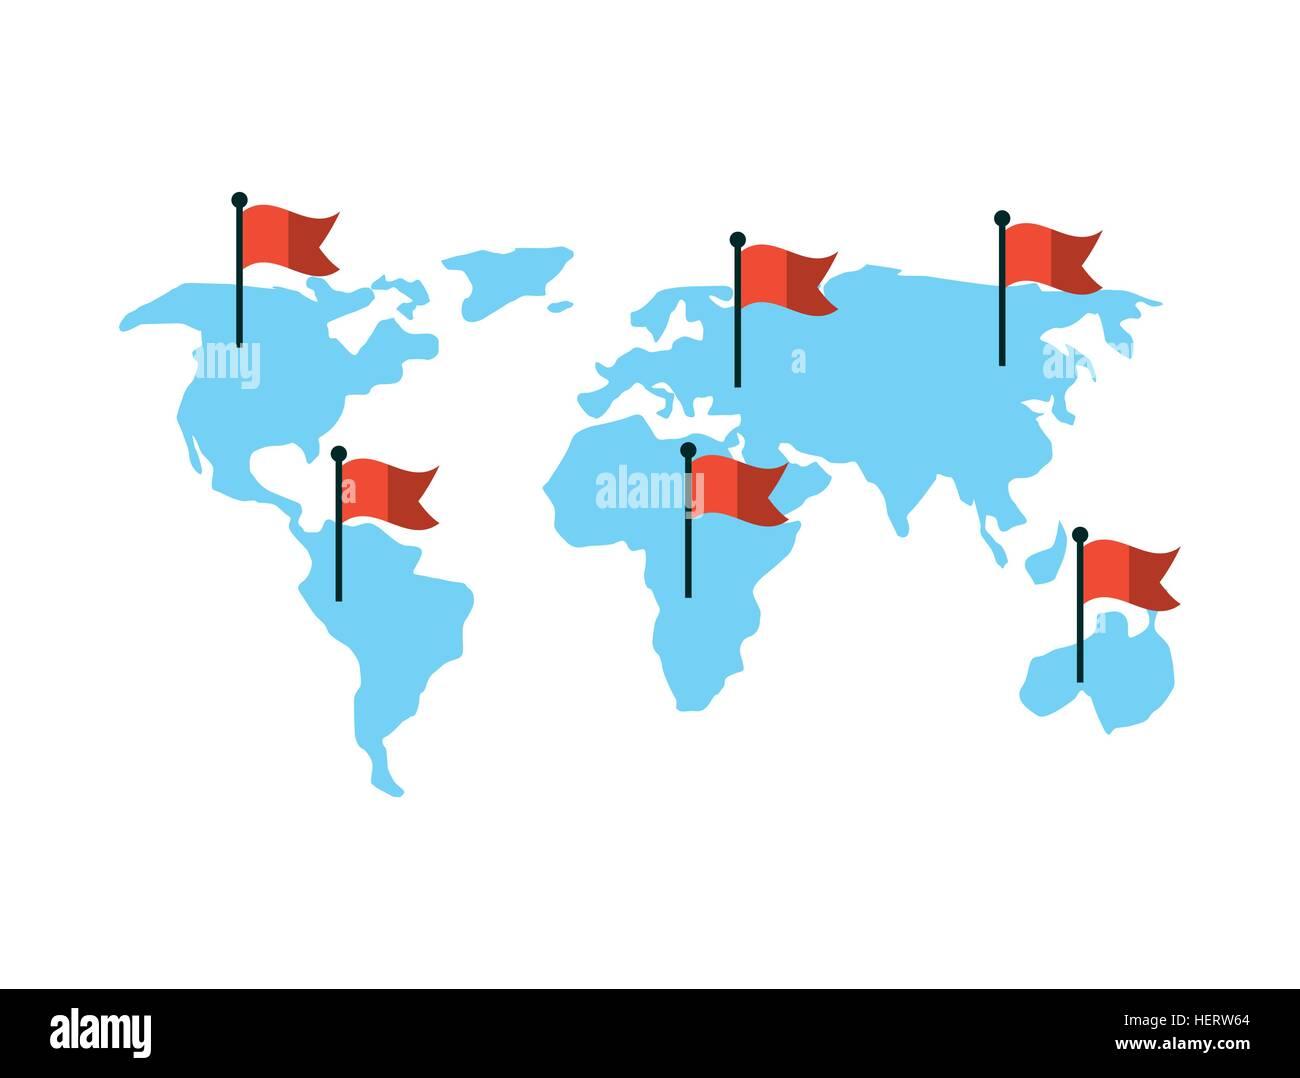 Cartina Mondo Con Bandiere.Cartina Del Mondo Con Le Bandiere Rosse Su Sfondo Bianco Design Colorato Illustrazione Vettoriale Immagine E Vettoriale Alamy